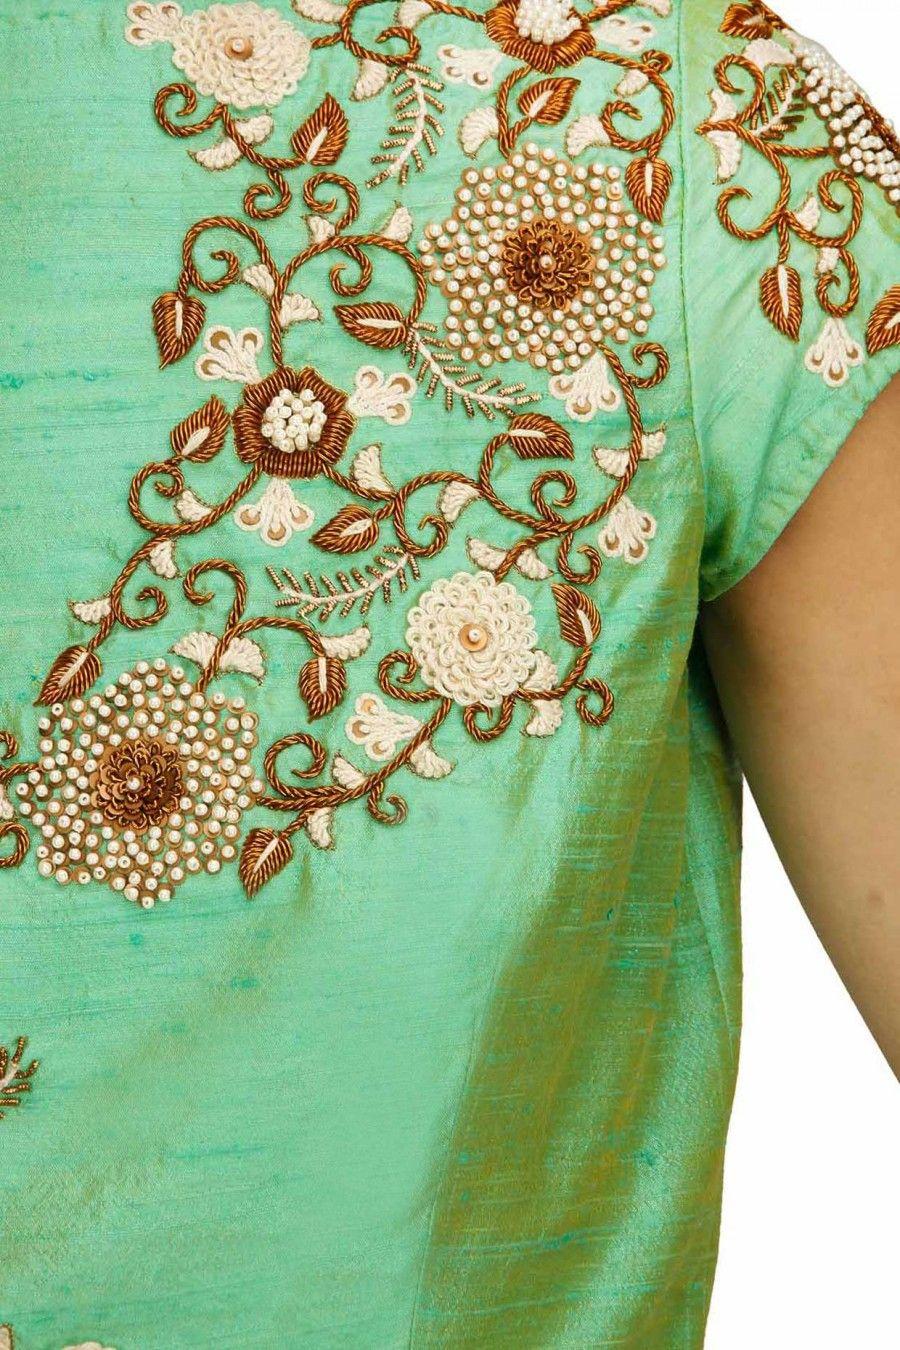 Tisha saksena vrushali pinterest embroidery blouse designs designer wear bankloansurffo Images